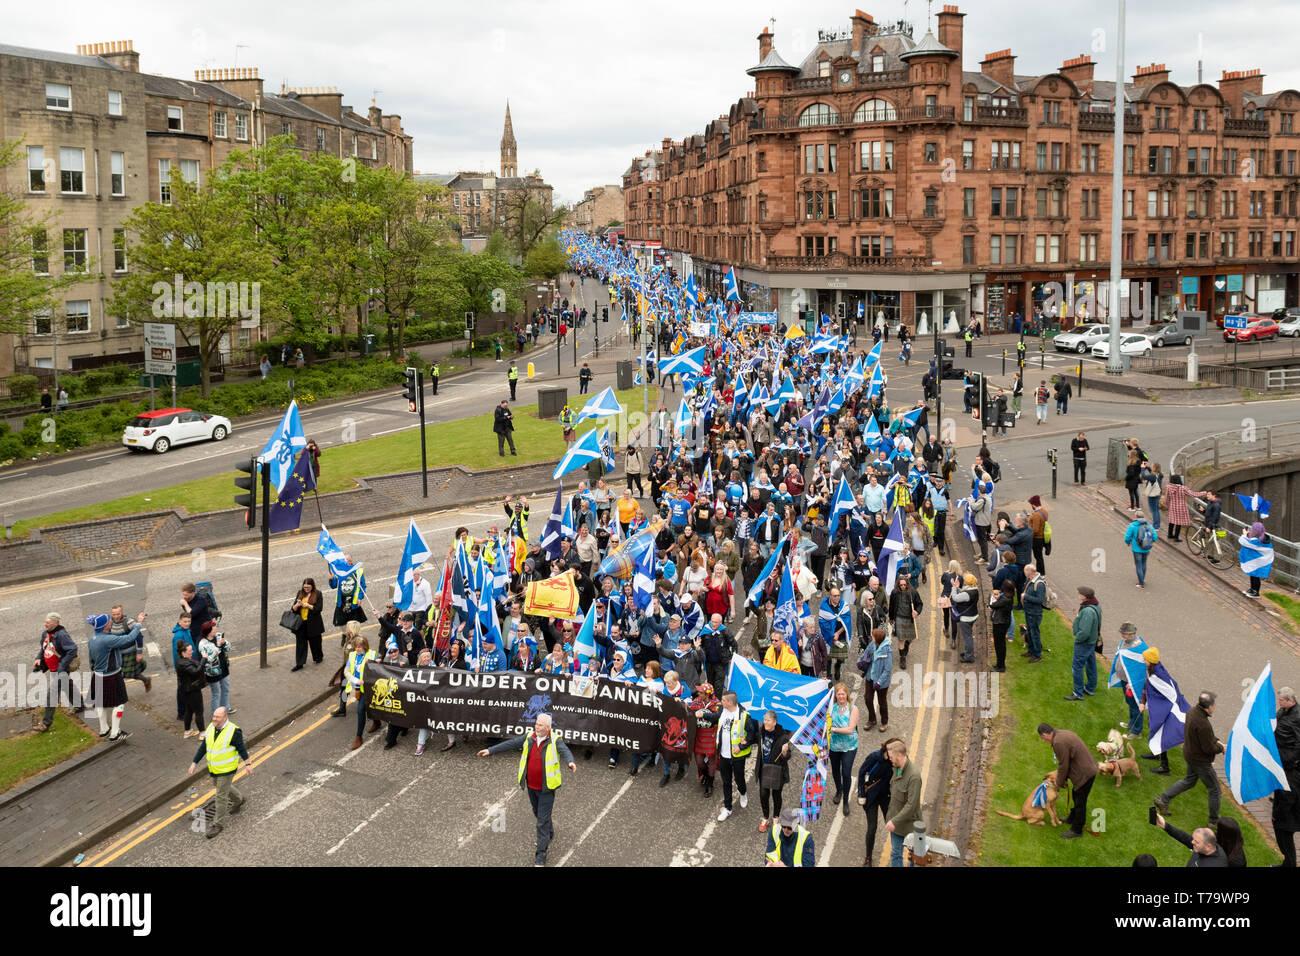 Todo bajo una misma bandera de marzo organizada por la independencia de Escocia - Glasgow 2019 Imagen De Stock